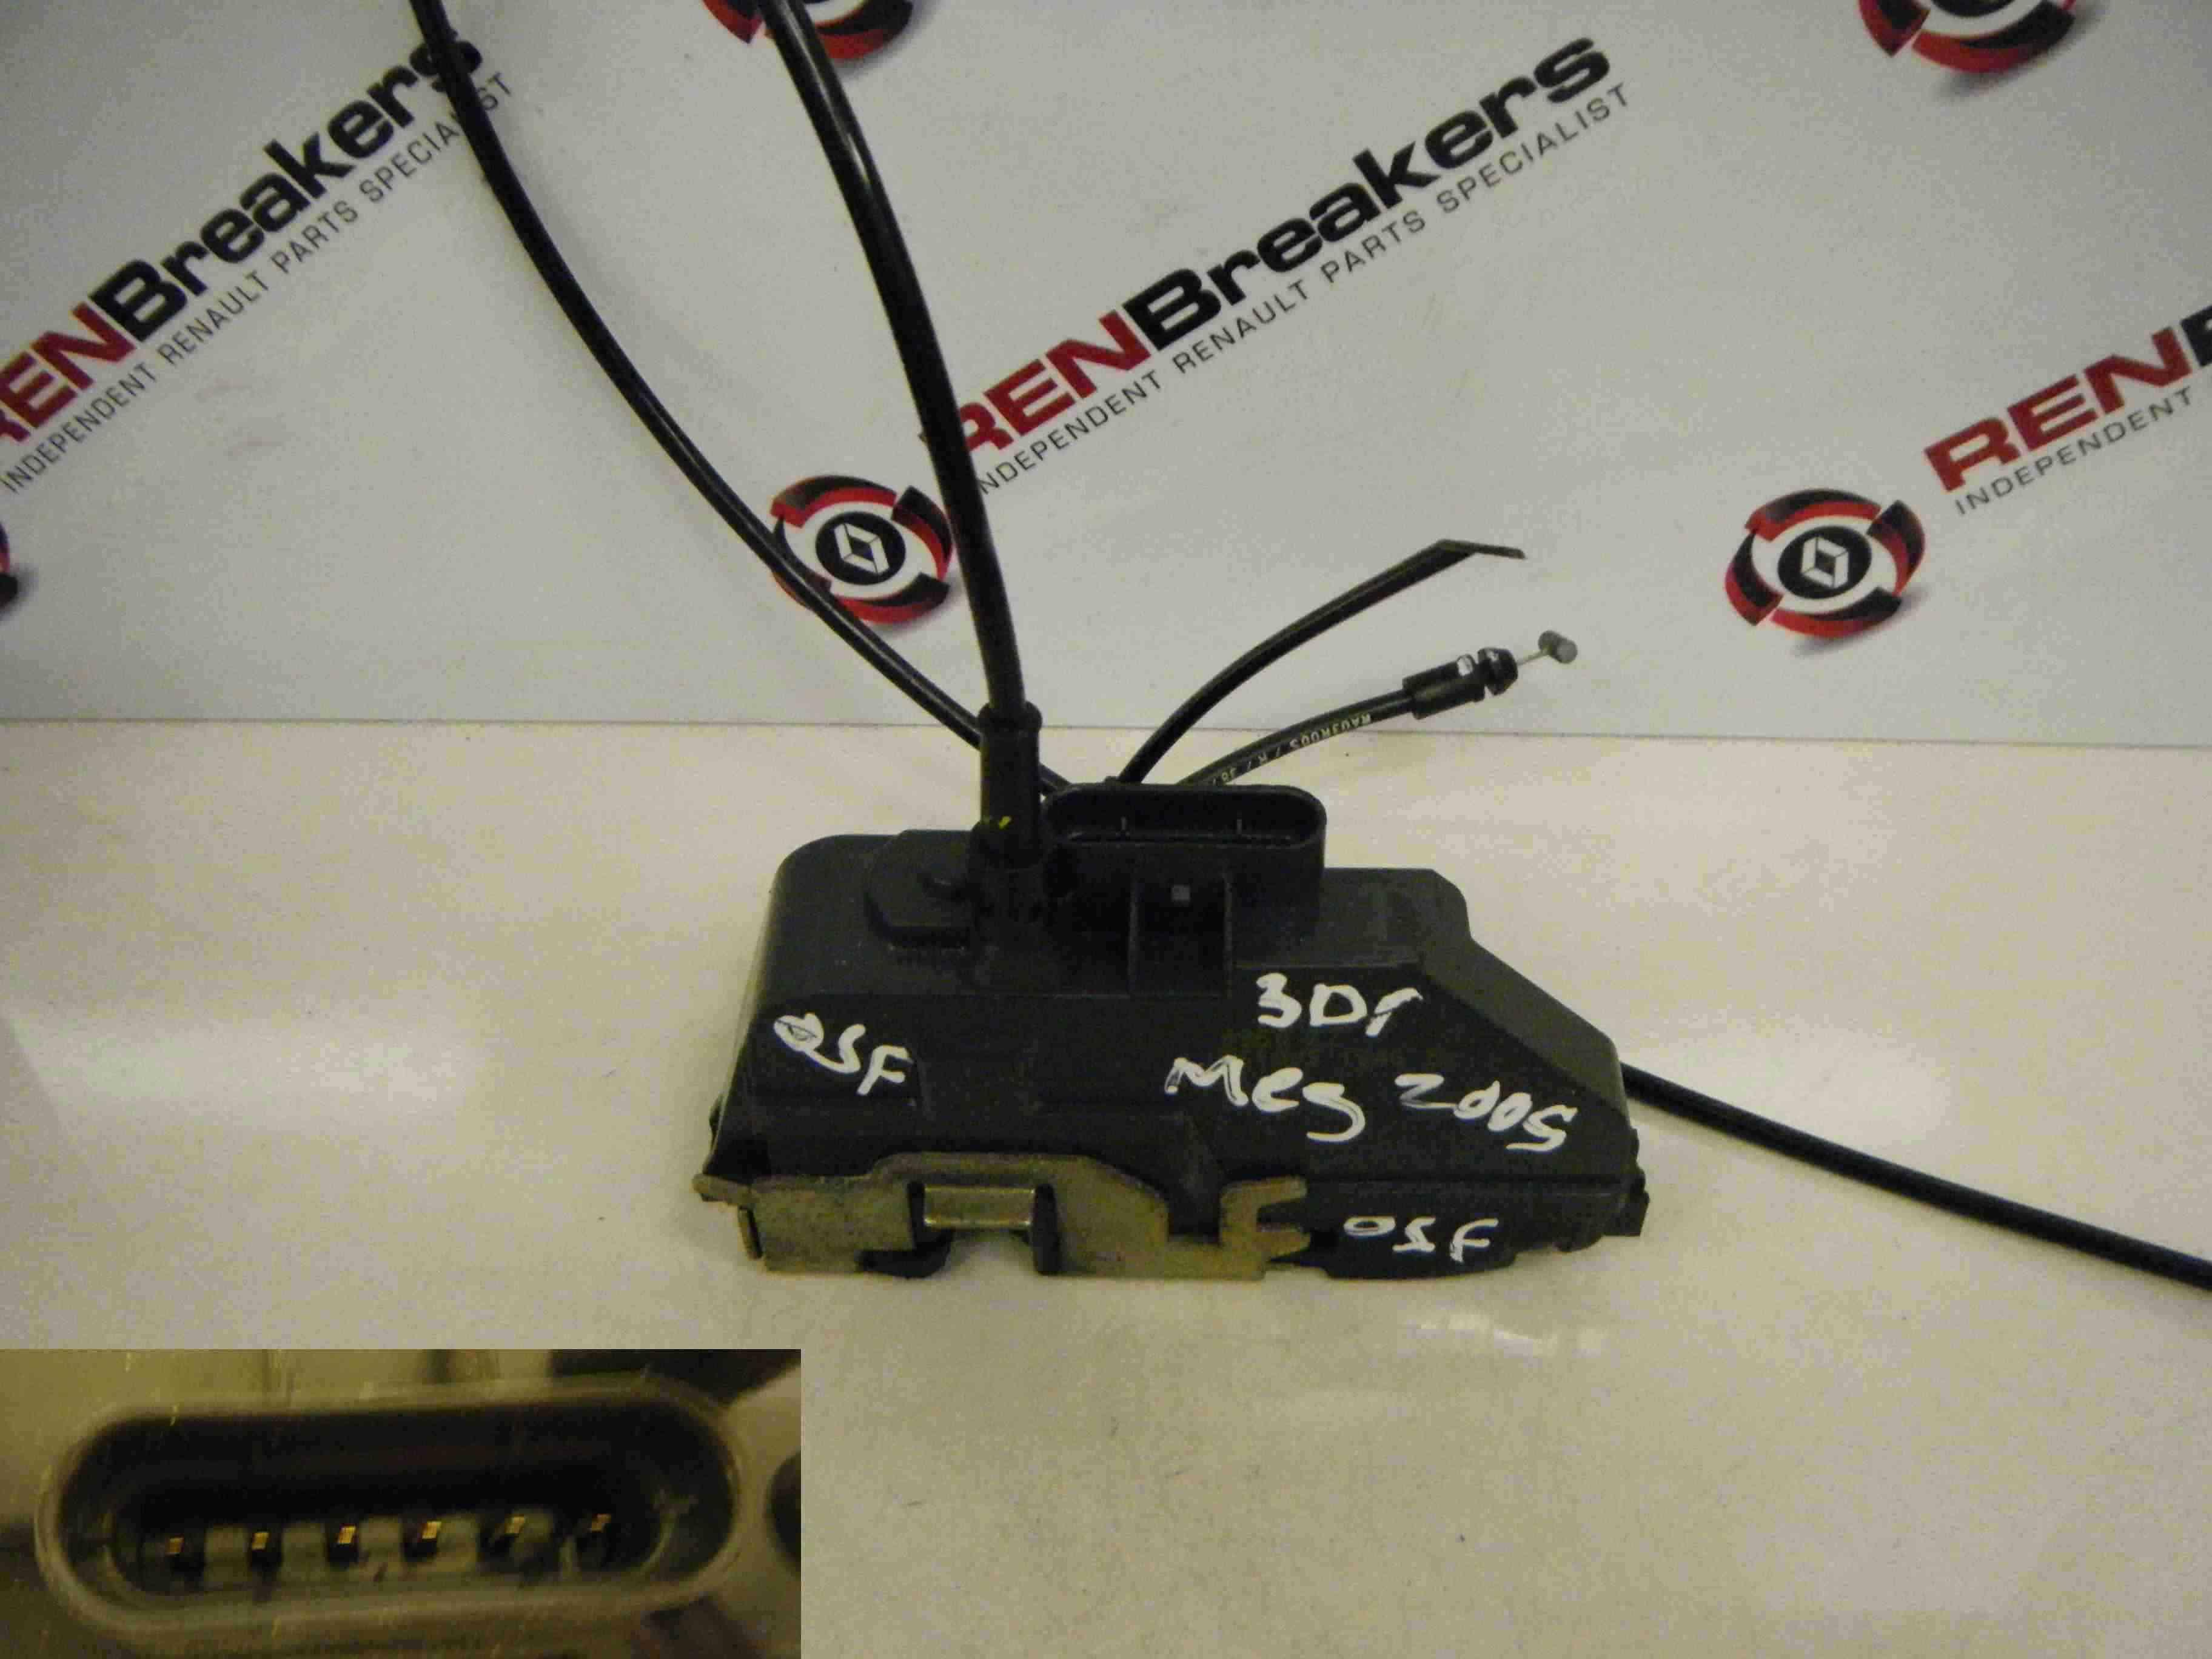 Renault Megane + Convertible 2002-2008 Drivers OSF Front Door Lock Mechanism 3dr